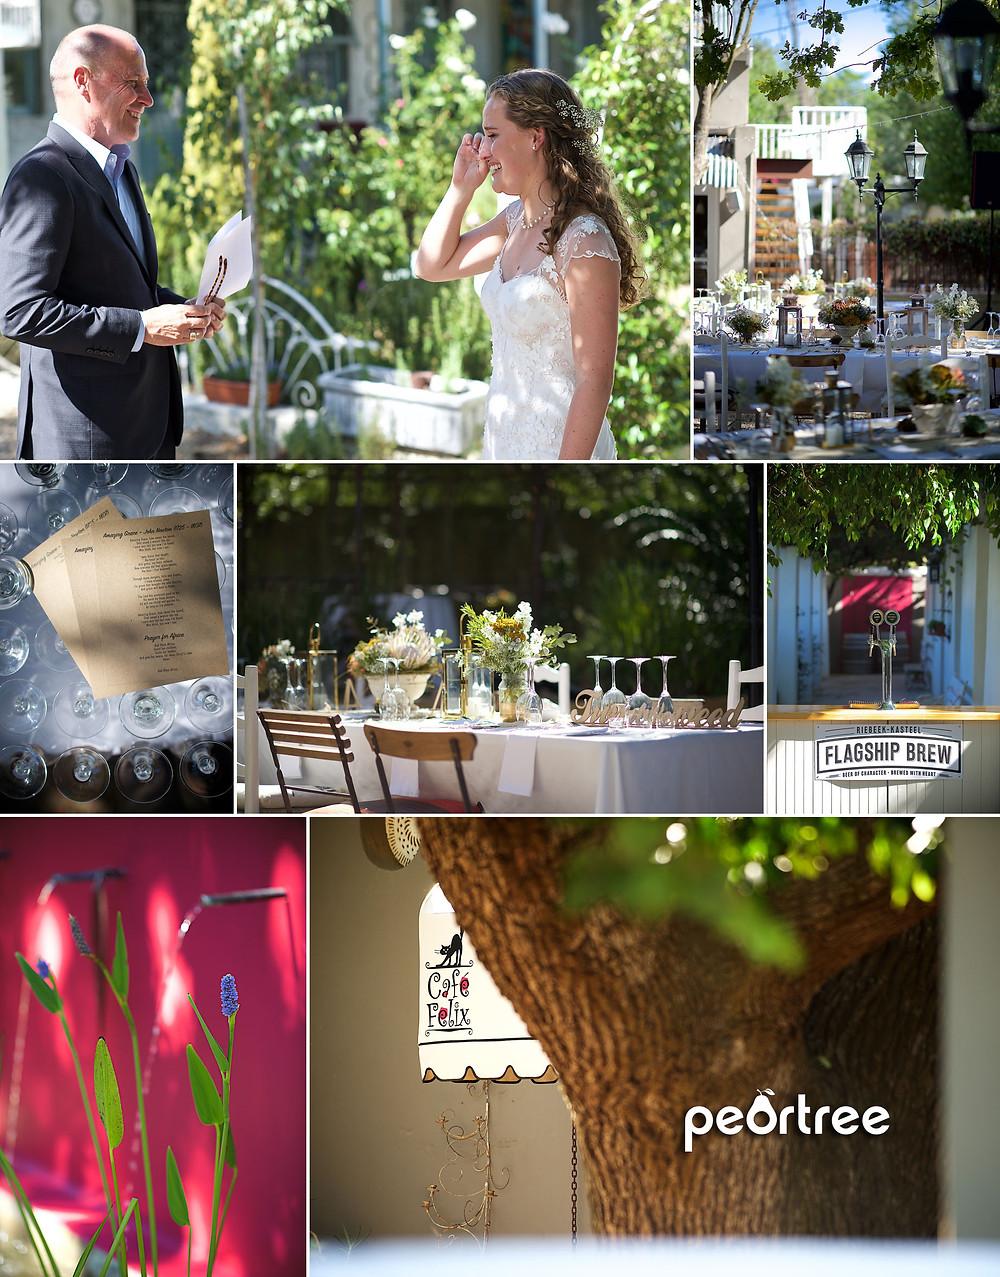 riebeeck-kasteel-wedding-10